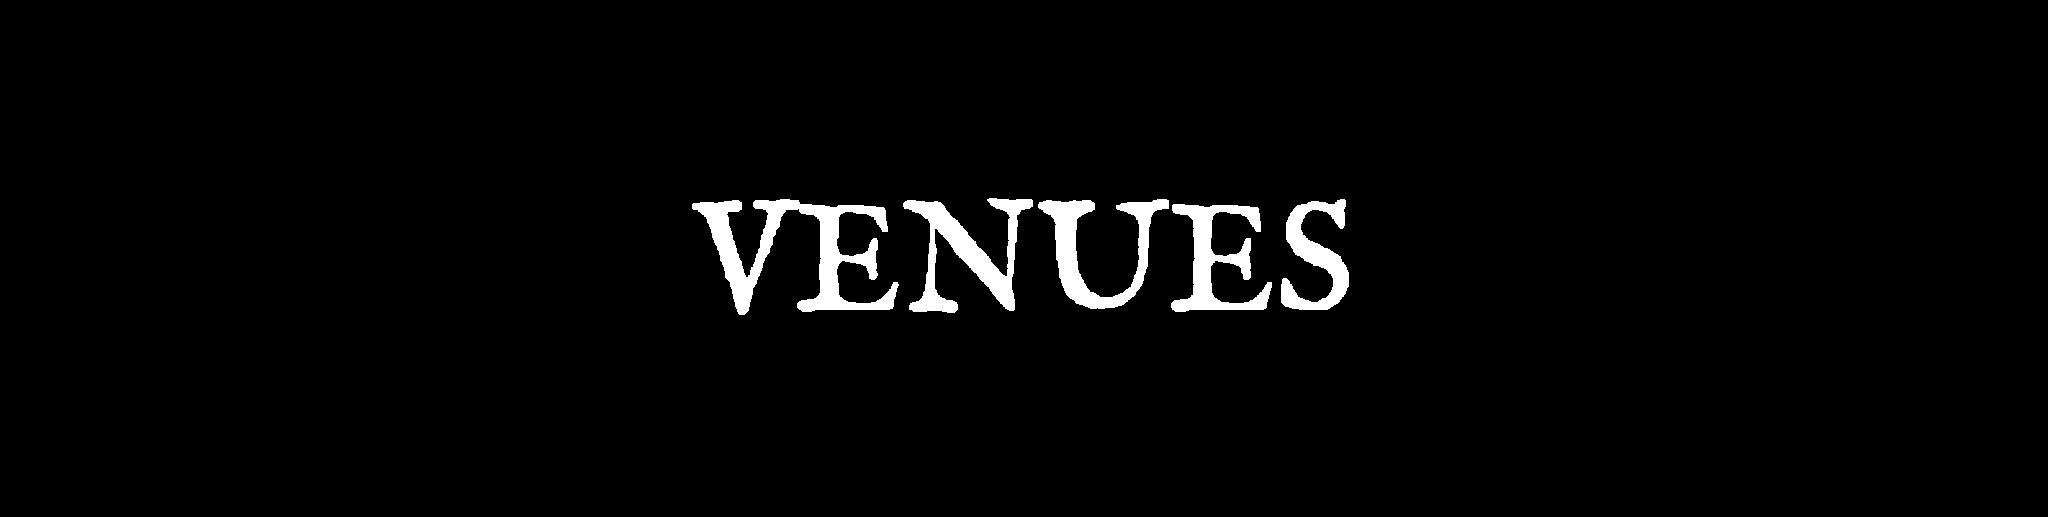 VENUES-01